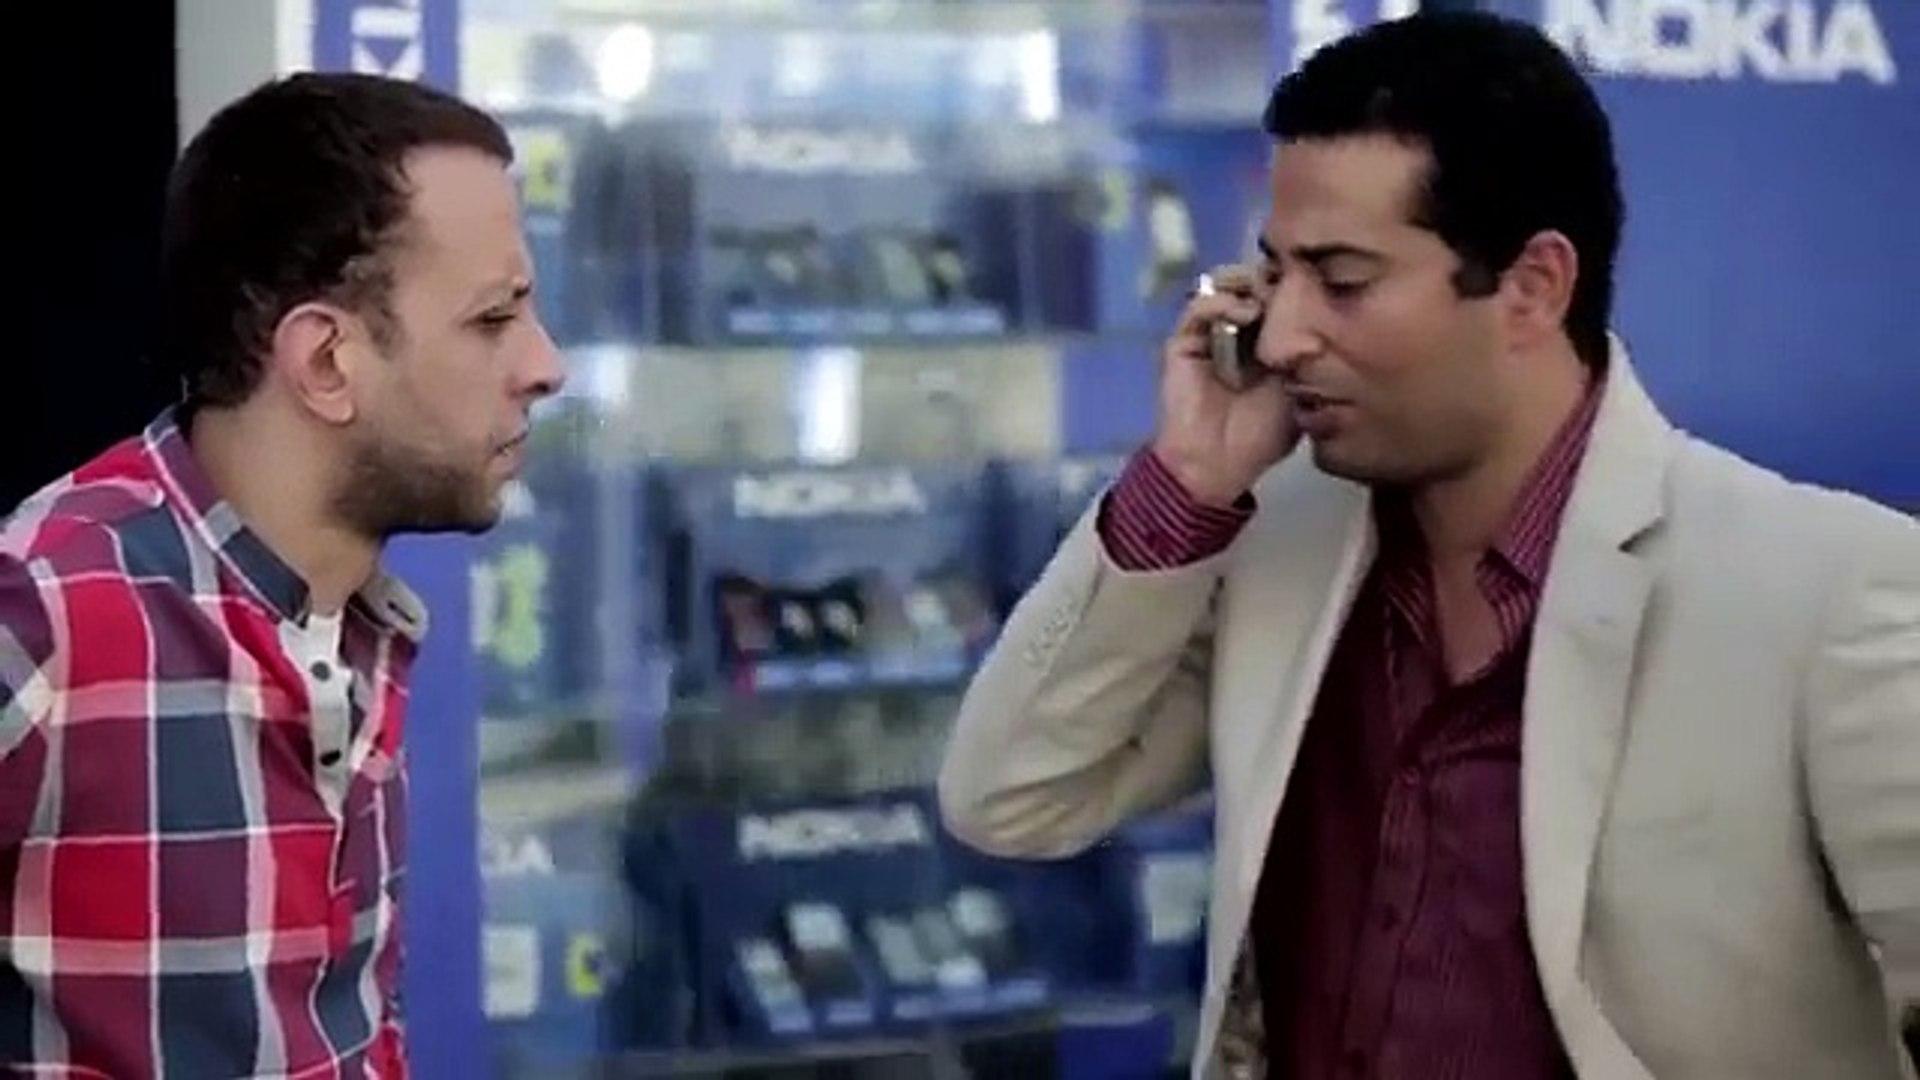 مسلسل شارع عبد العزيز الجزء الاول الحلقة 28 Share3 Abdel Aziz Series Eps